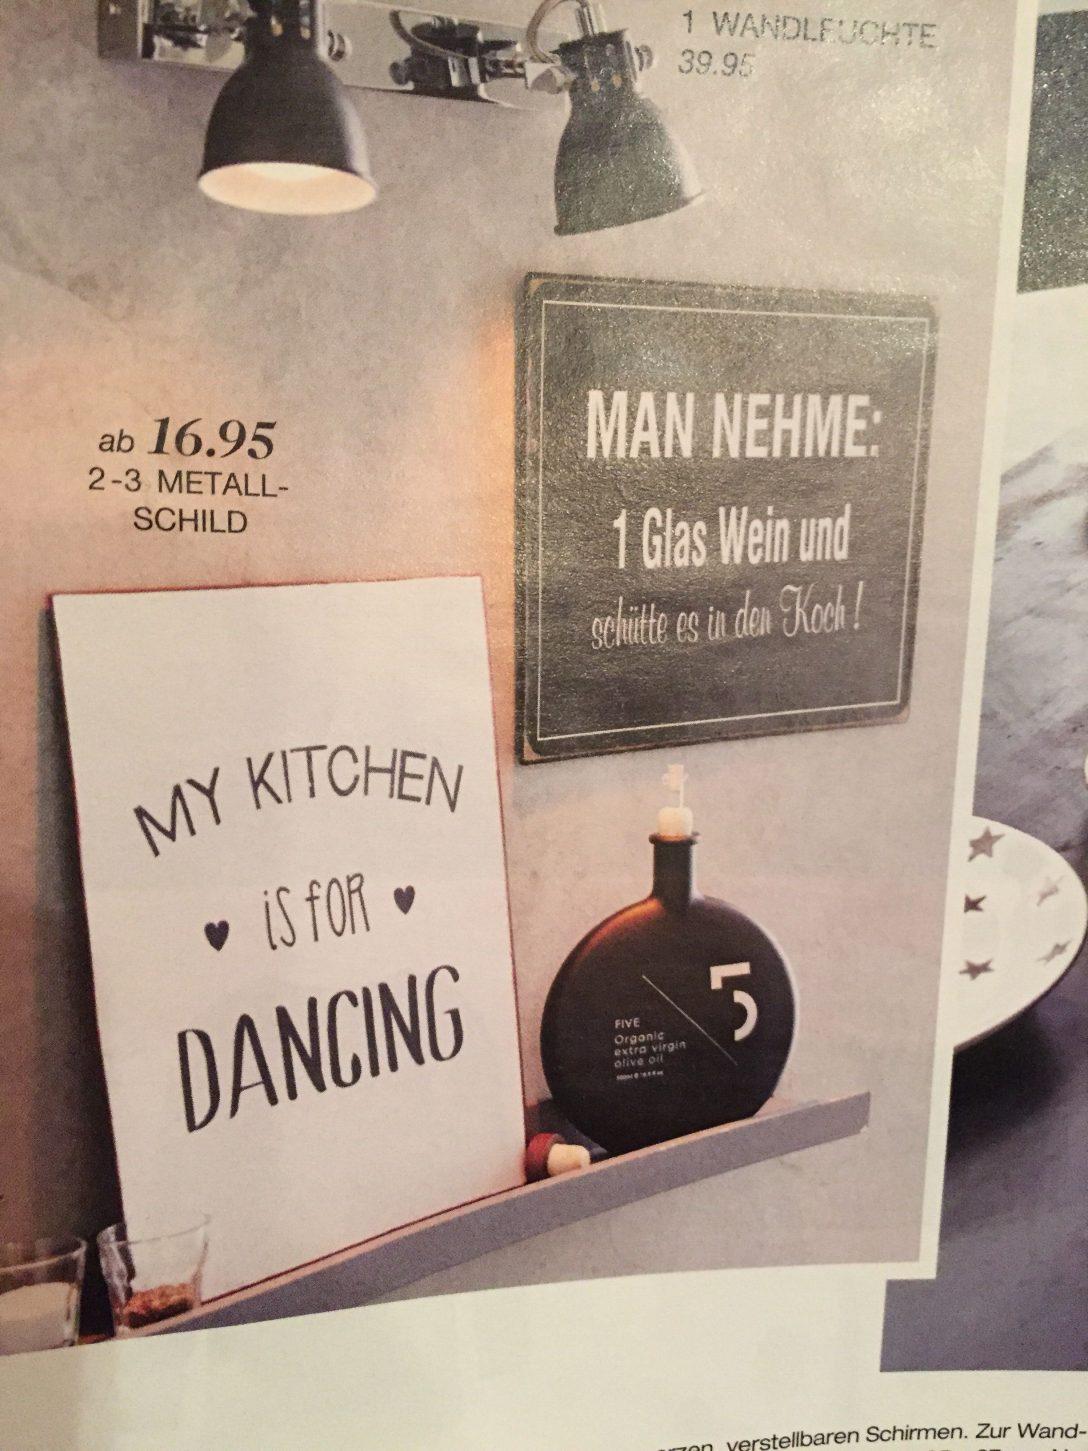 Large Size of Sprüche Für Die Küche Lustiger Spruch Fr Tafel In Der Kche Lustige Sprche L Mit Kochinsel Pantryküche Kühlschrank Singleküche Betten übergewichtige Küche Sprüche Für Die Küche